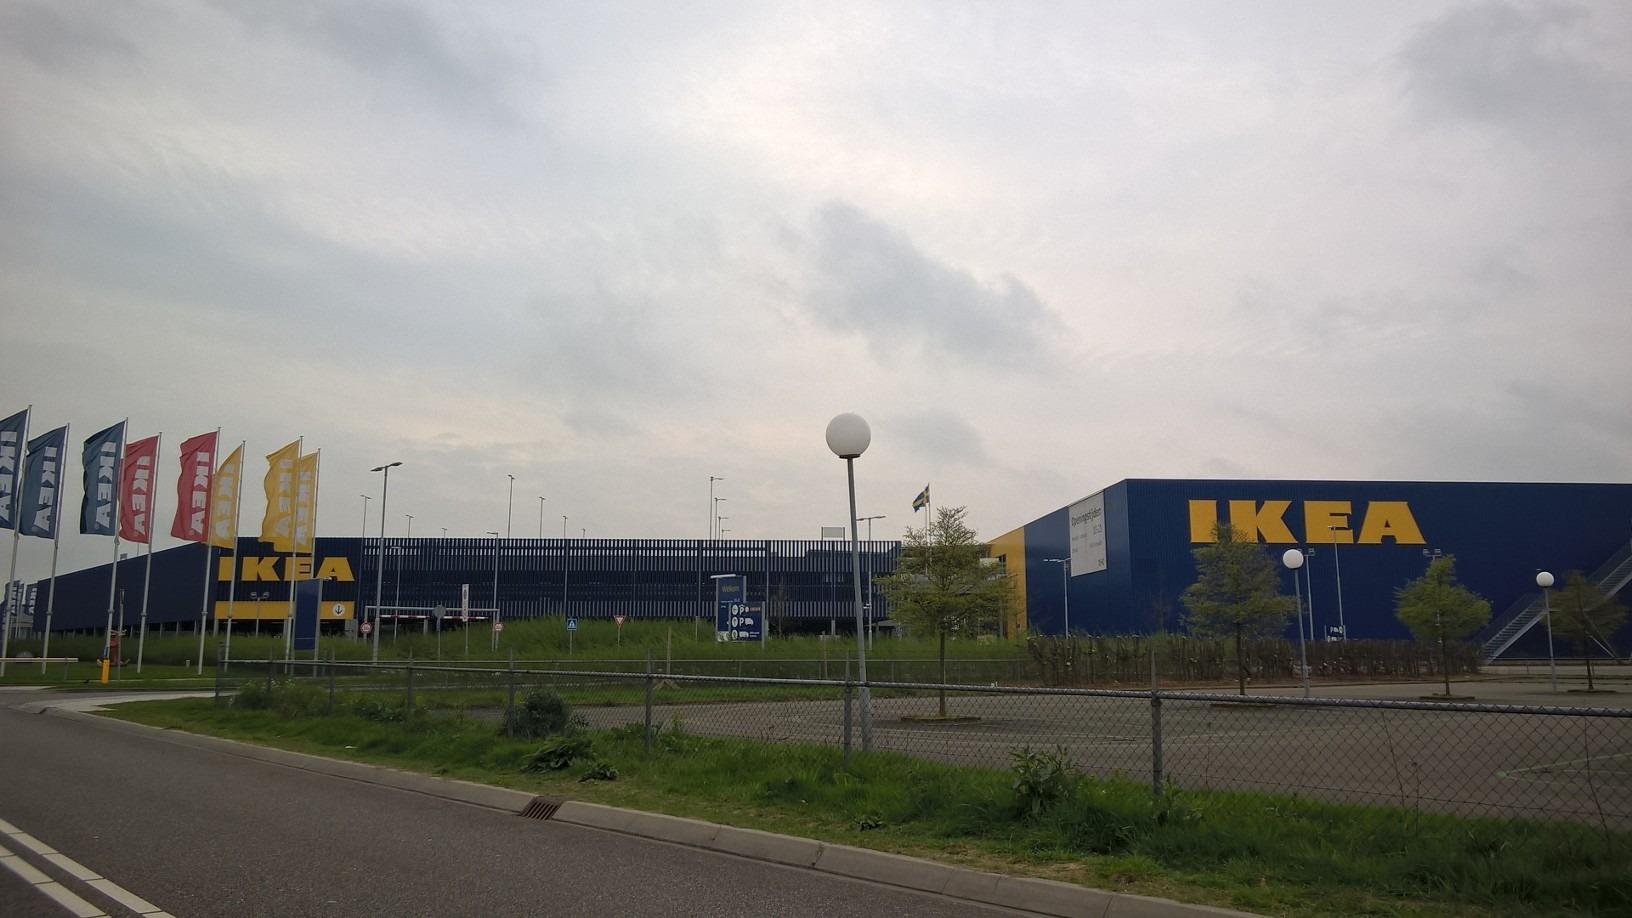 Verbouw IKEA keuken 1